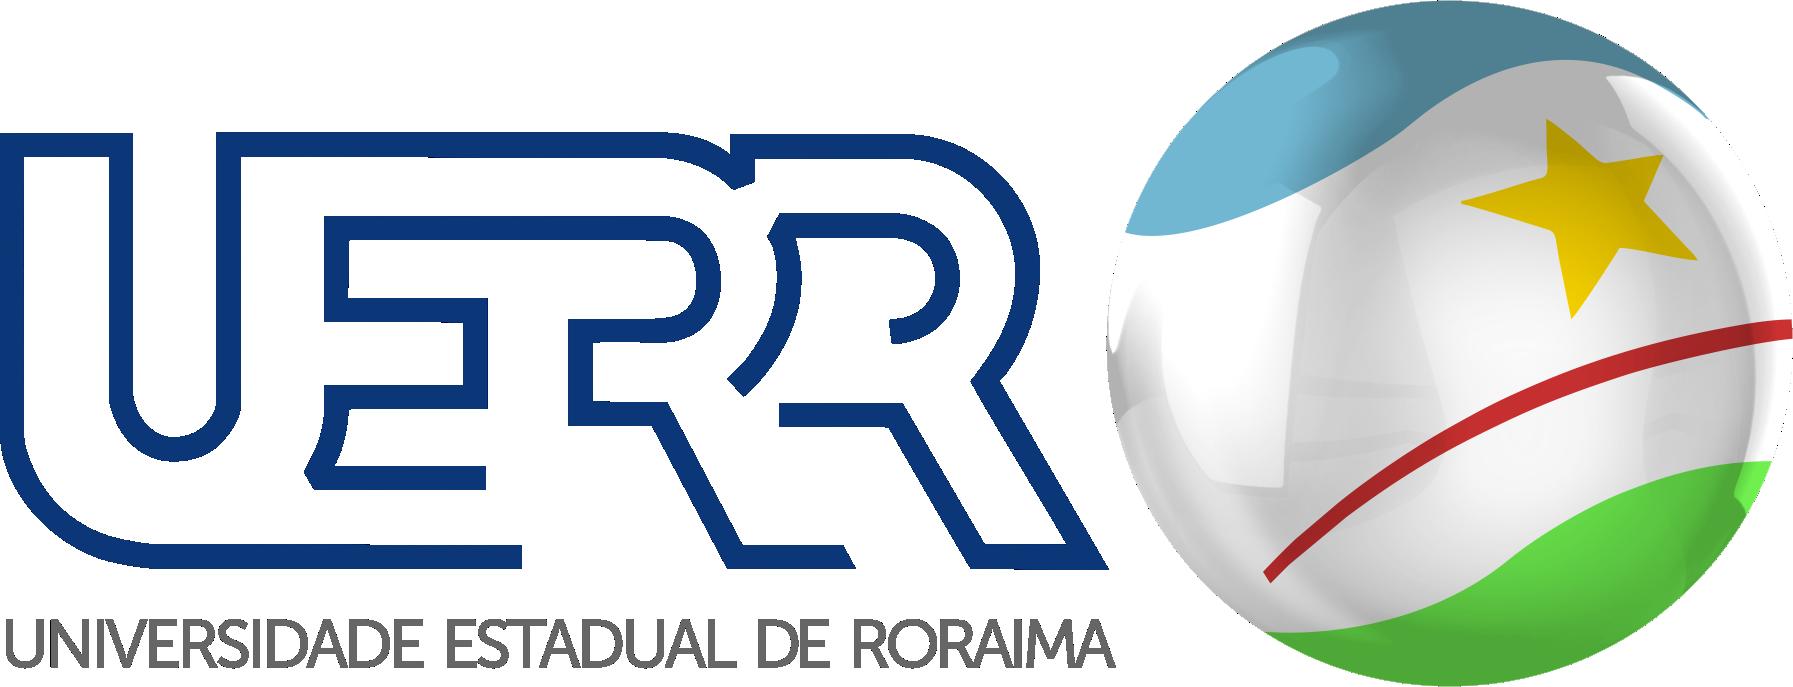 UERR abre inscrições para o Vestibular 2021